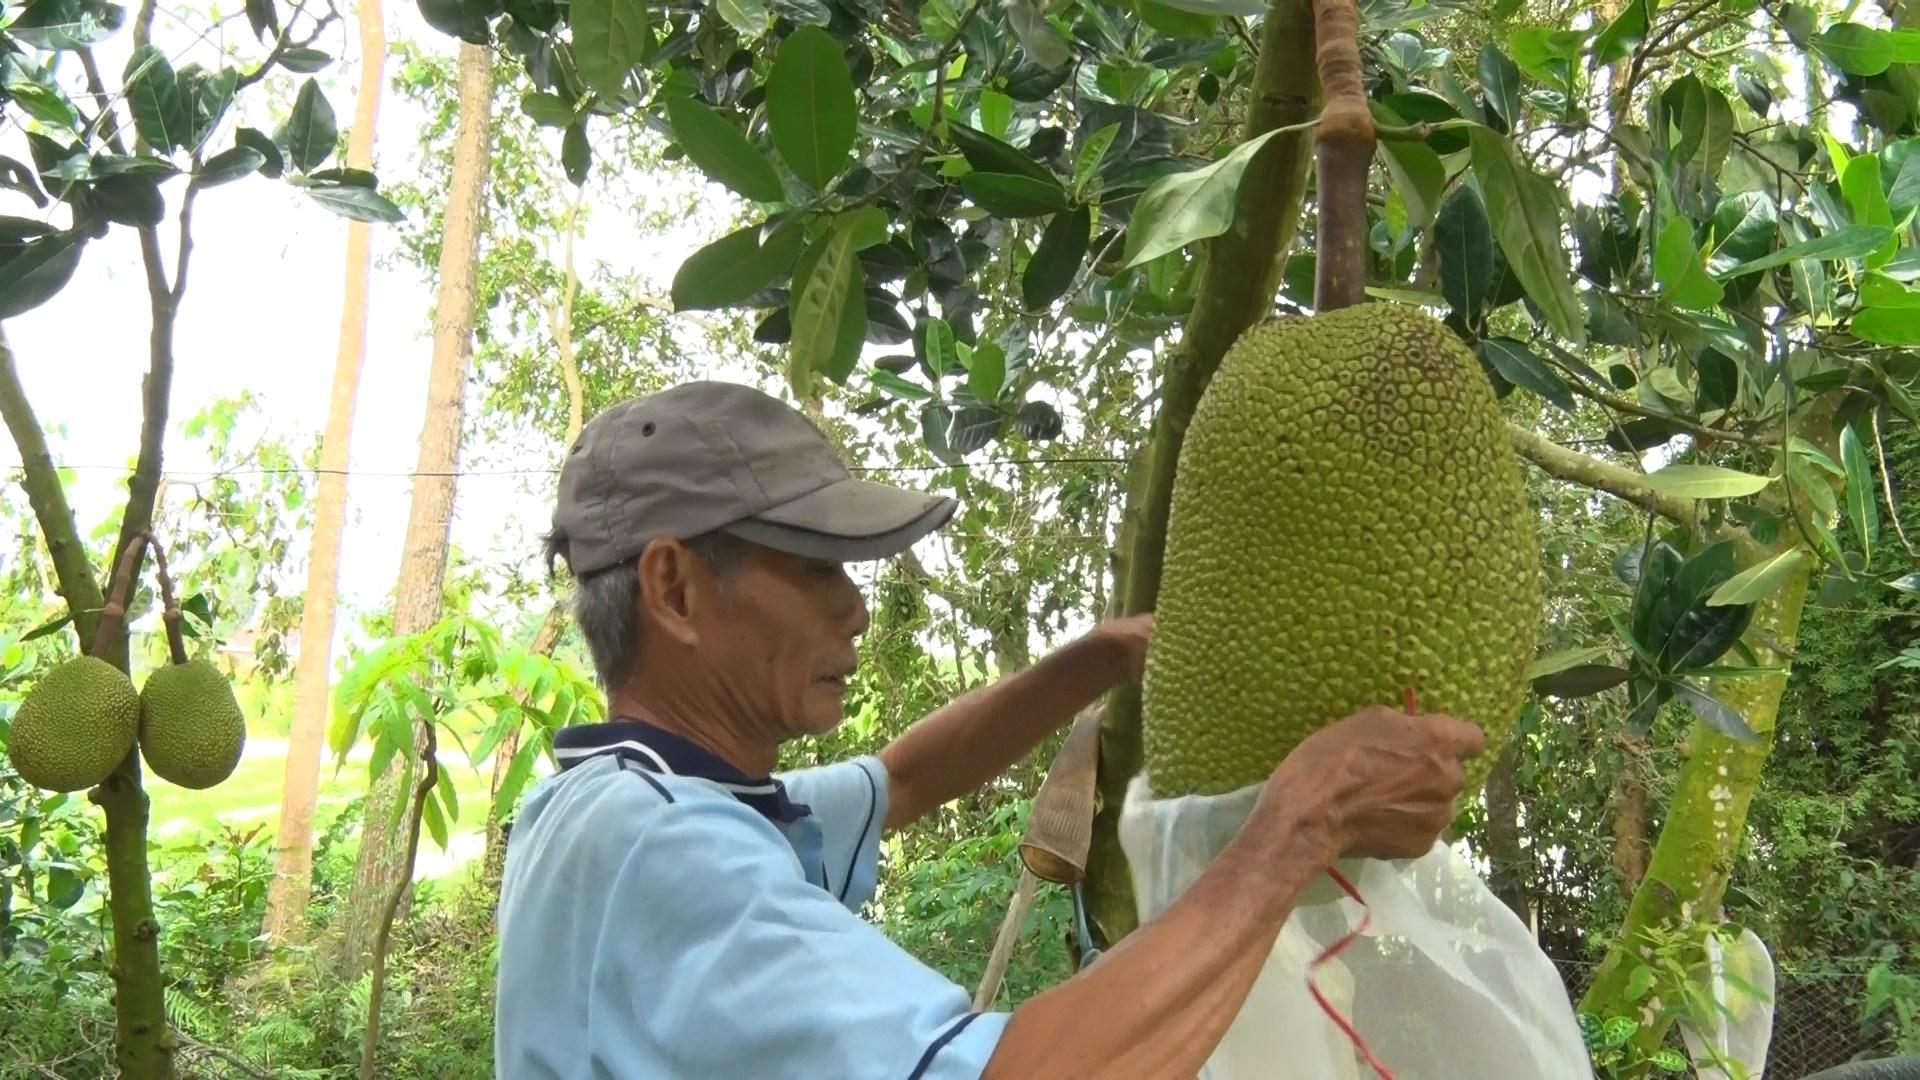 """Nhiều doanh nghiệp đang làm """"bà đỡ"""" hỗ trợ thu mua trái cây cho nông dân trong đại dịch Covid-19 - Ảnh 3."""